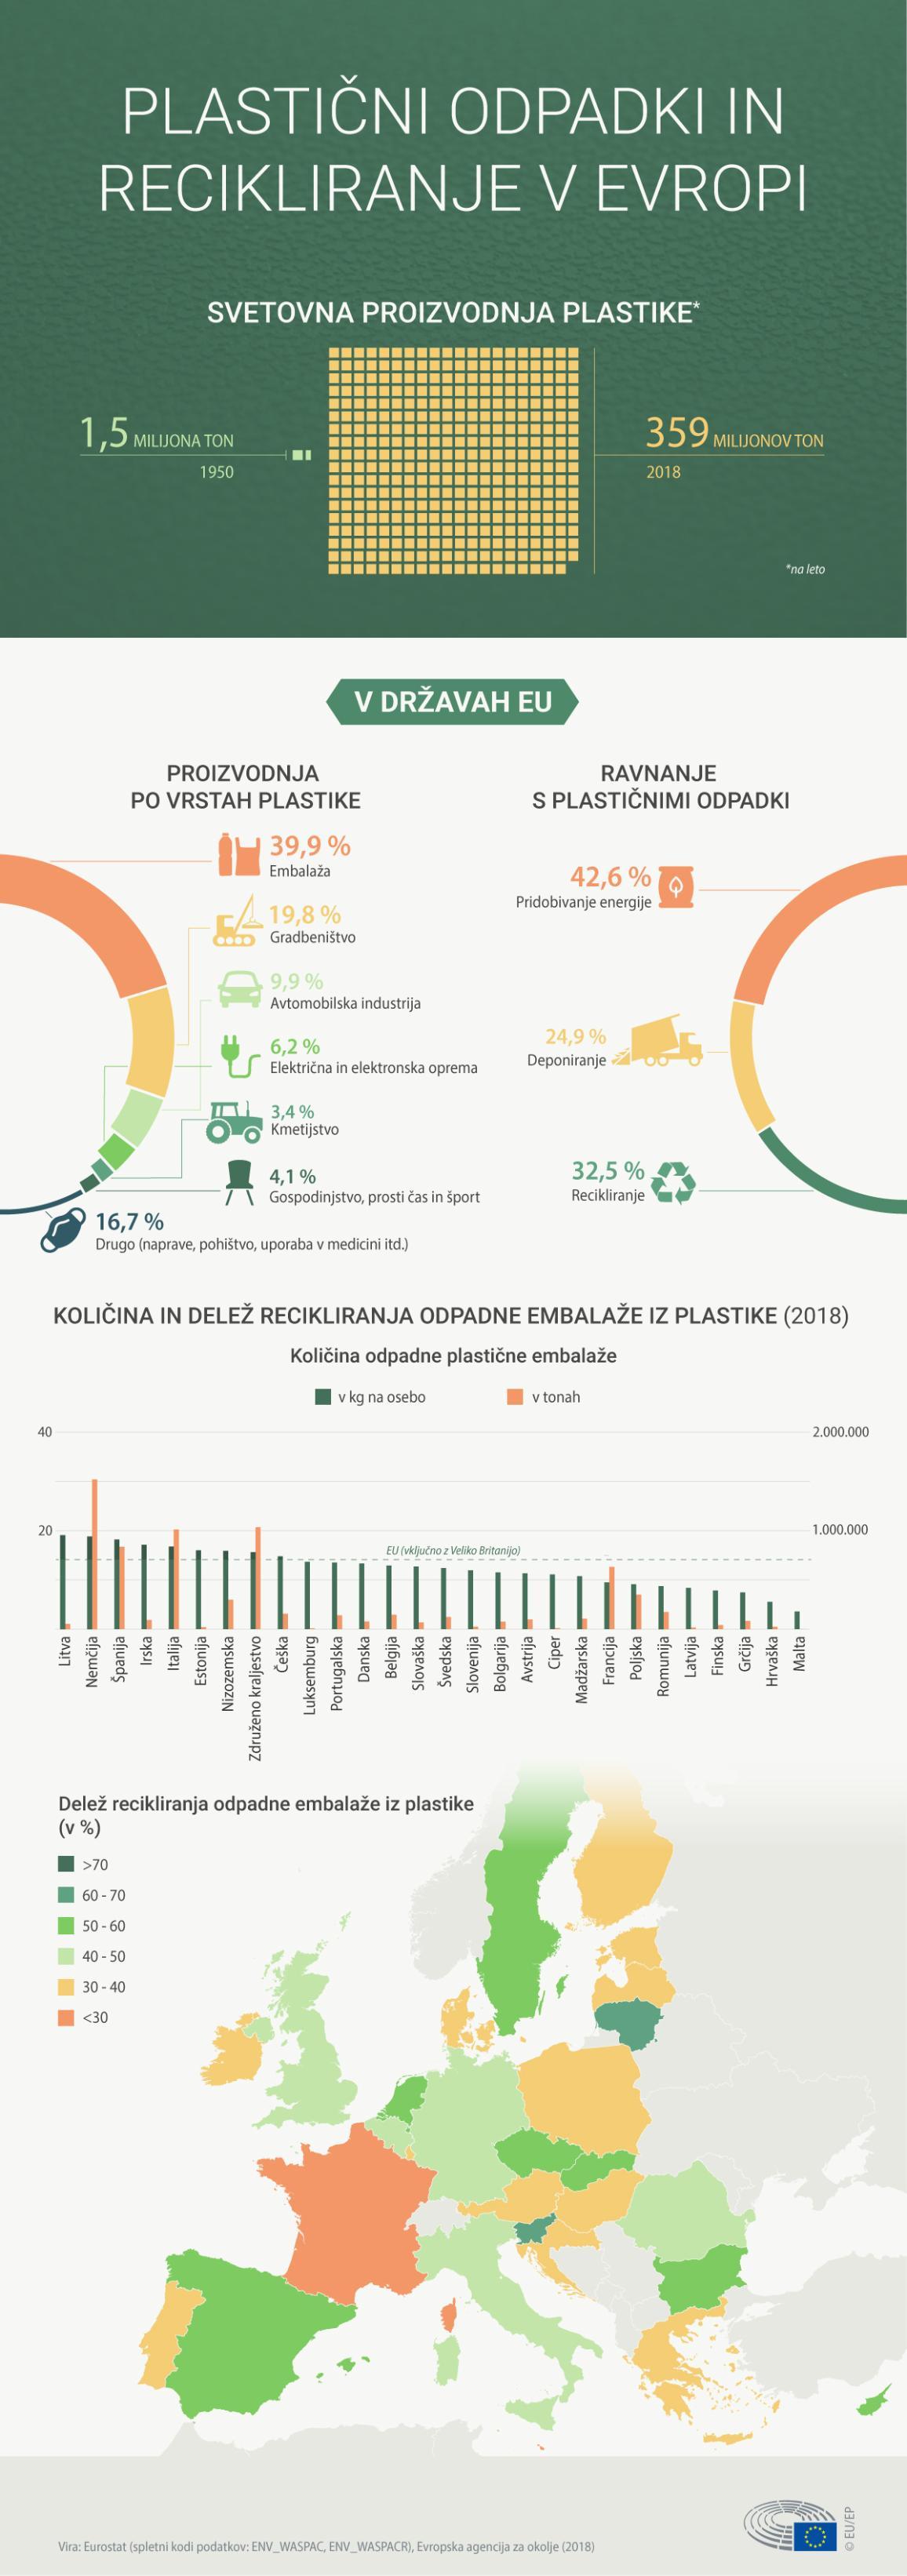 infografika o plastičnih odpadkih in recikliranju v Evropi